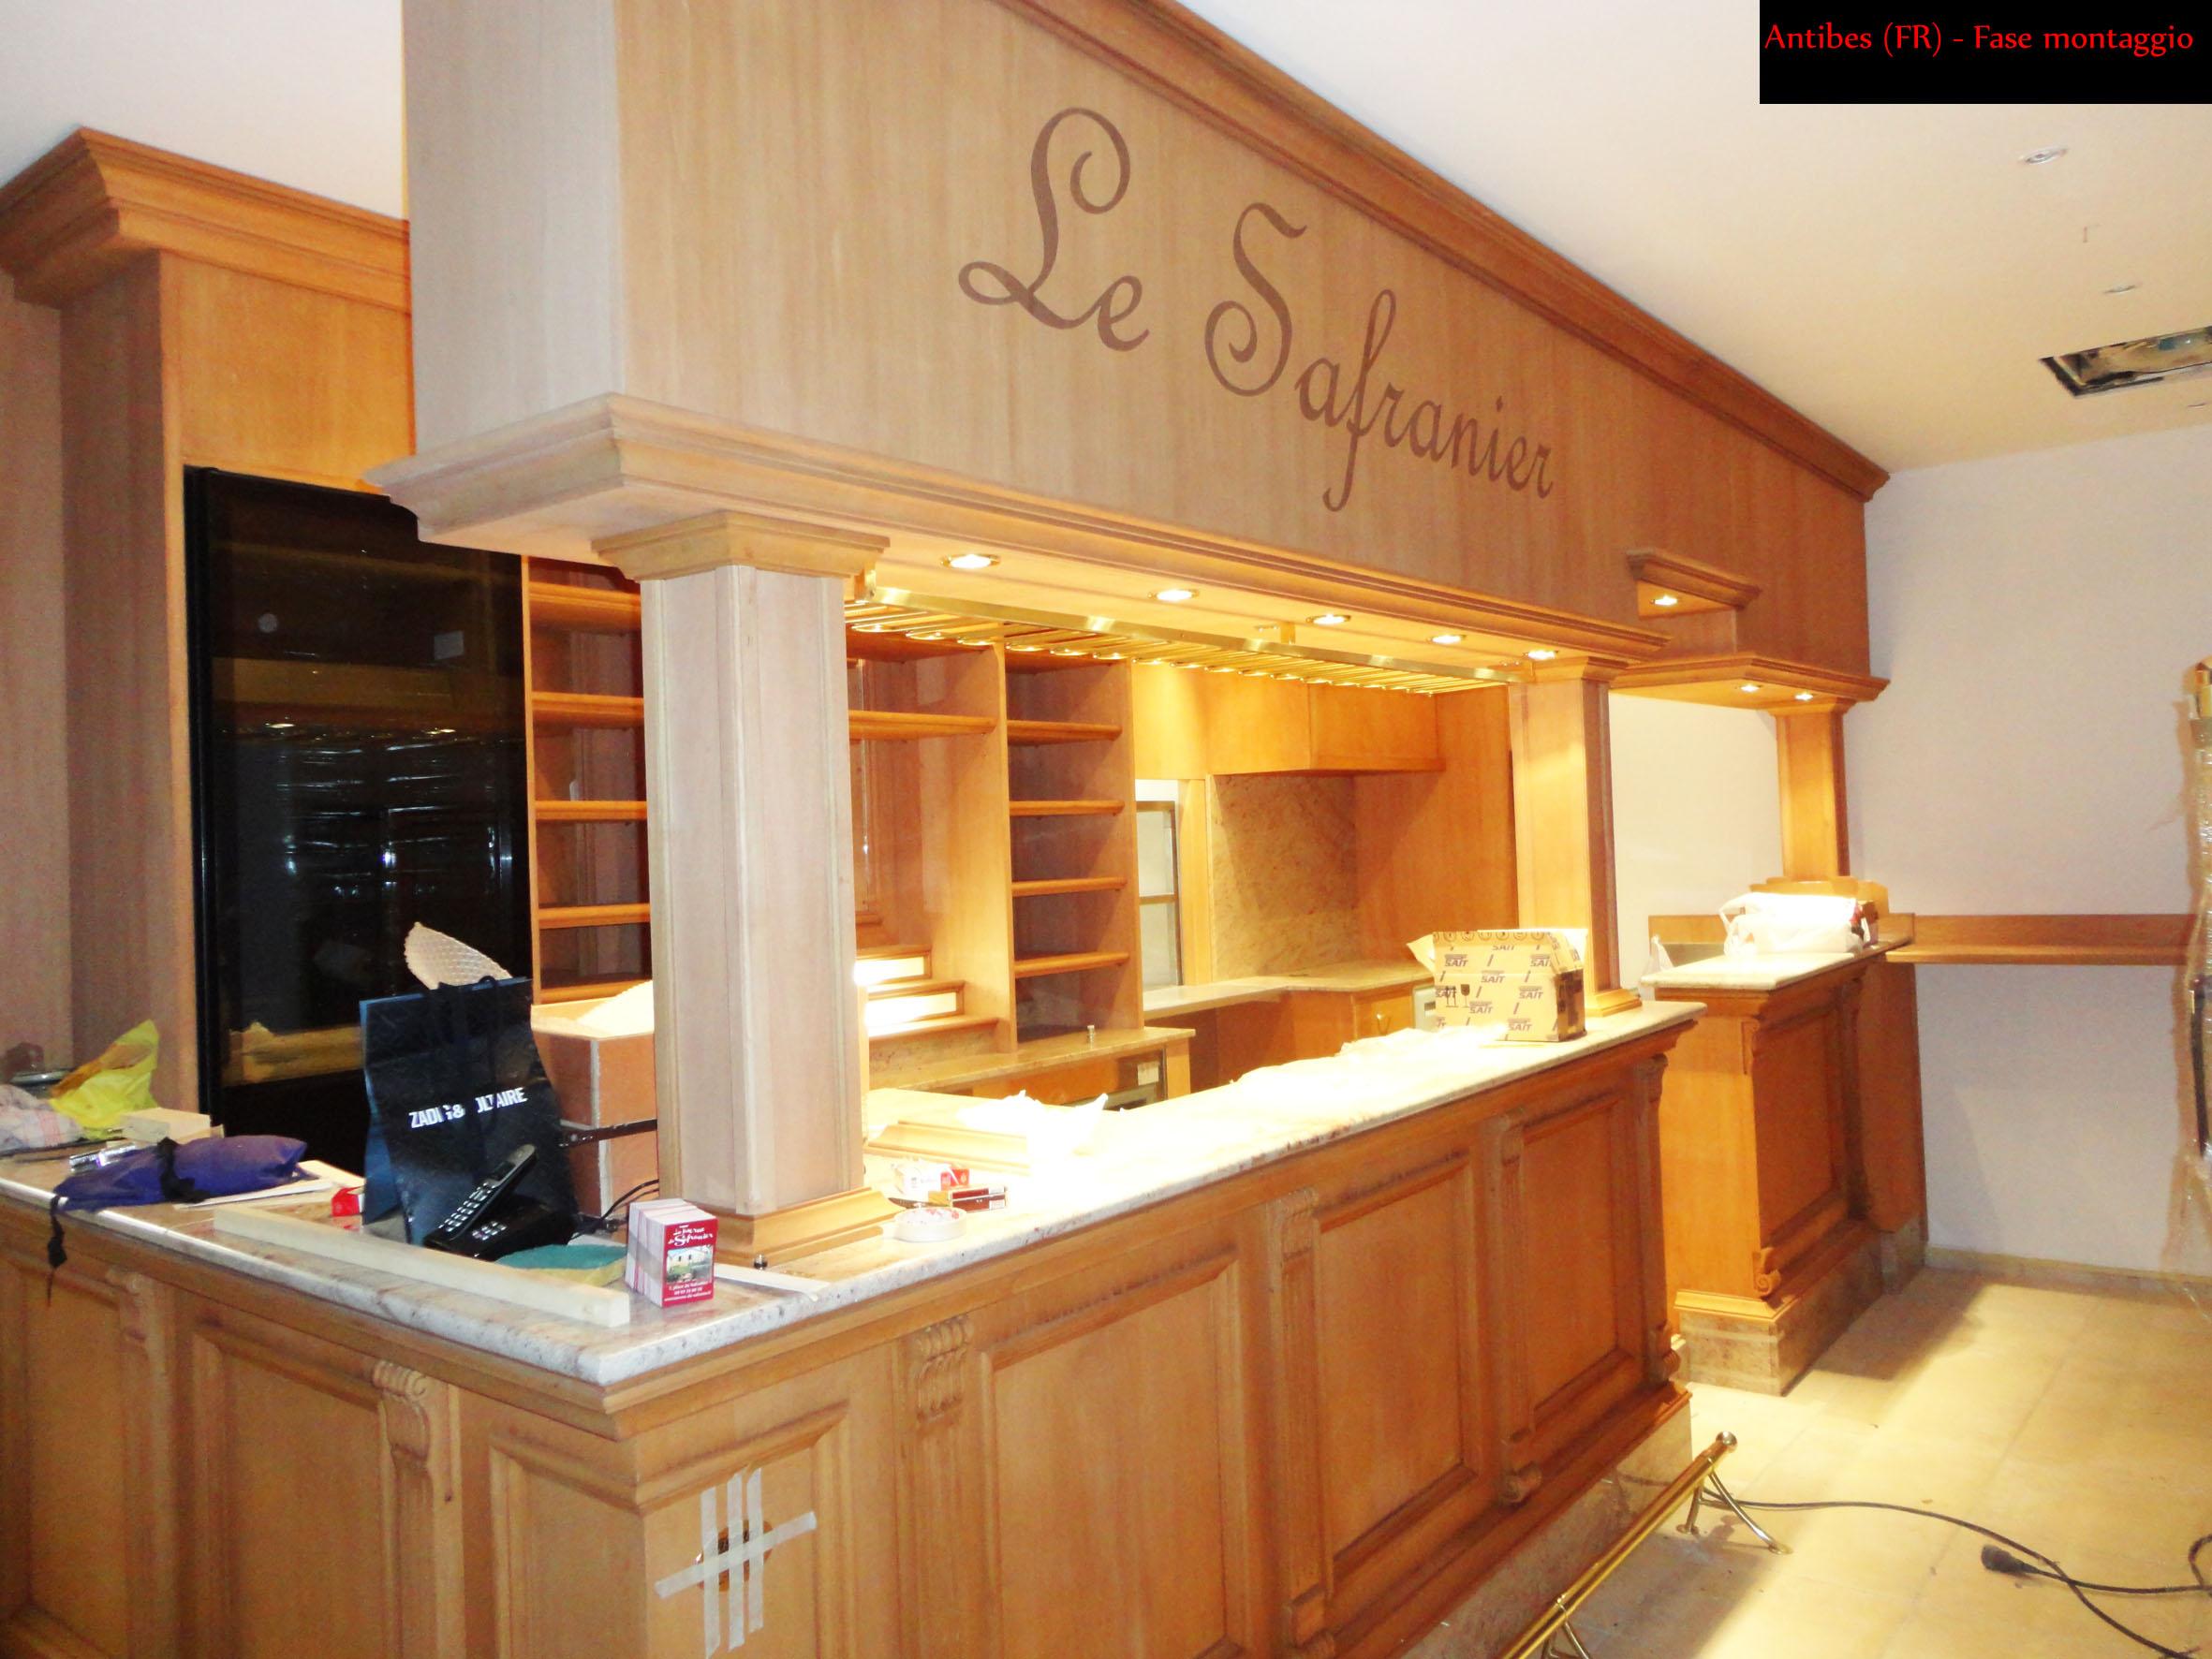 PFR Arredamenti per Le Safranier, Antibes